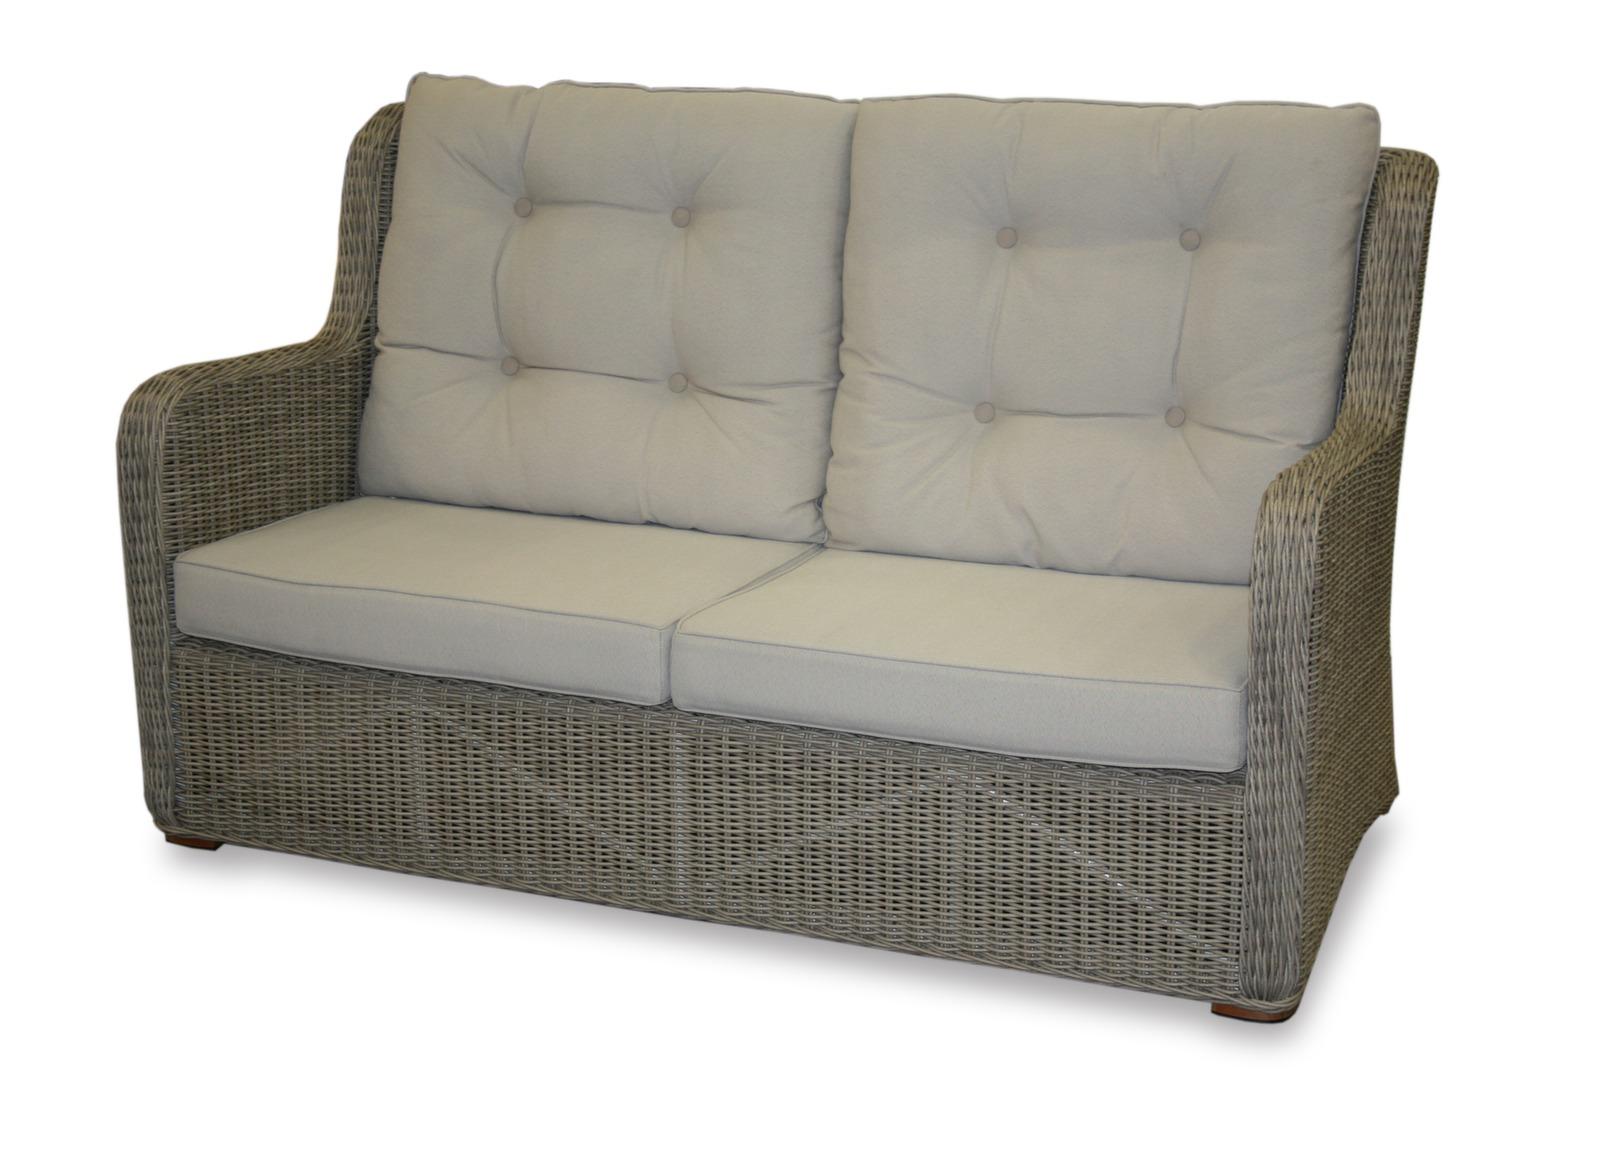 canap massimo 2p white wash achat canap de jardin mobilier pour salon de jardin. Black Bedroom Furniture Sets. Home Design Ideas